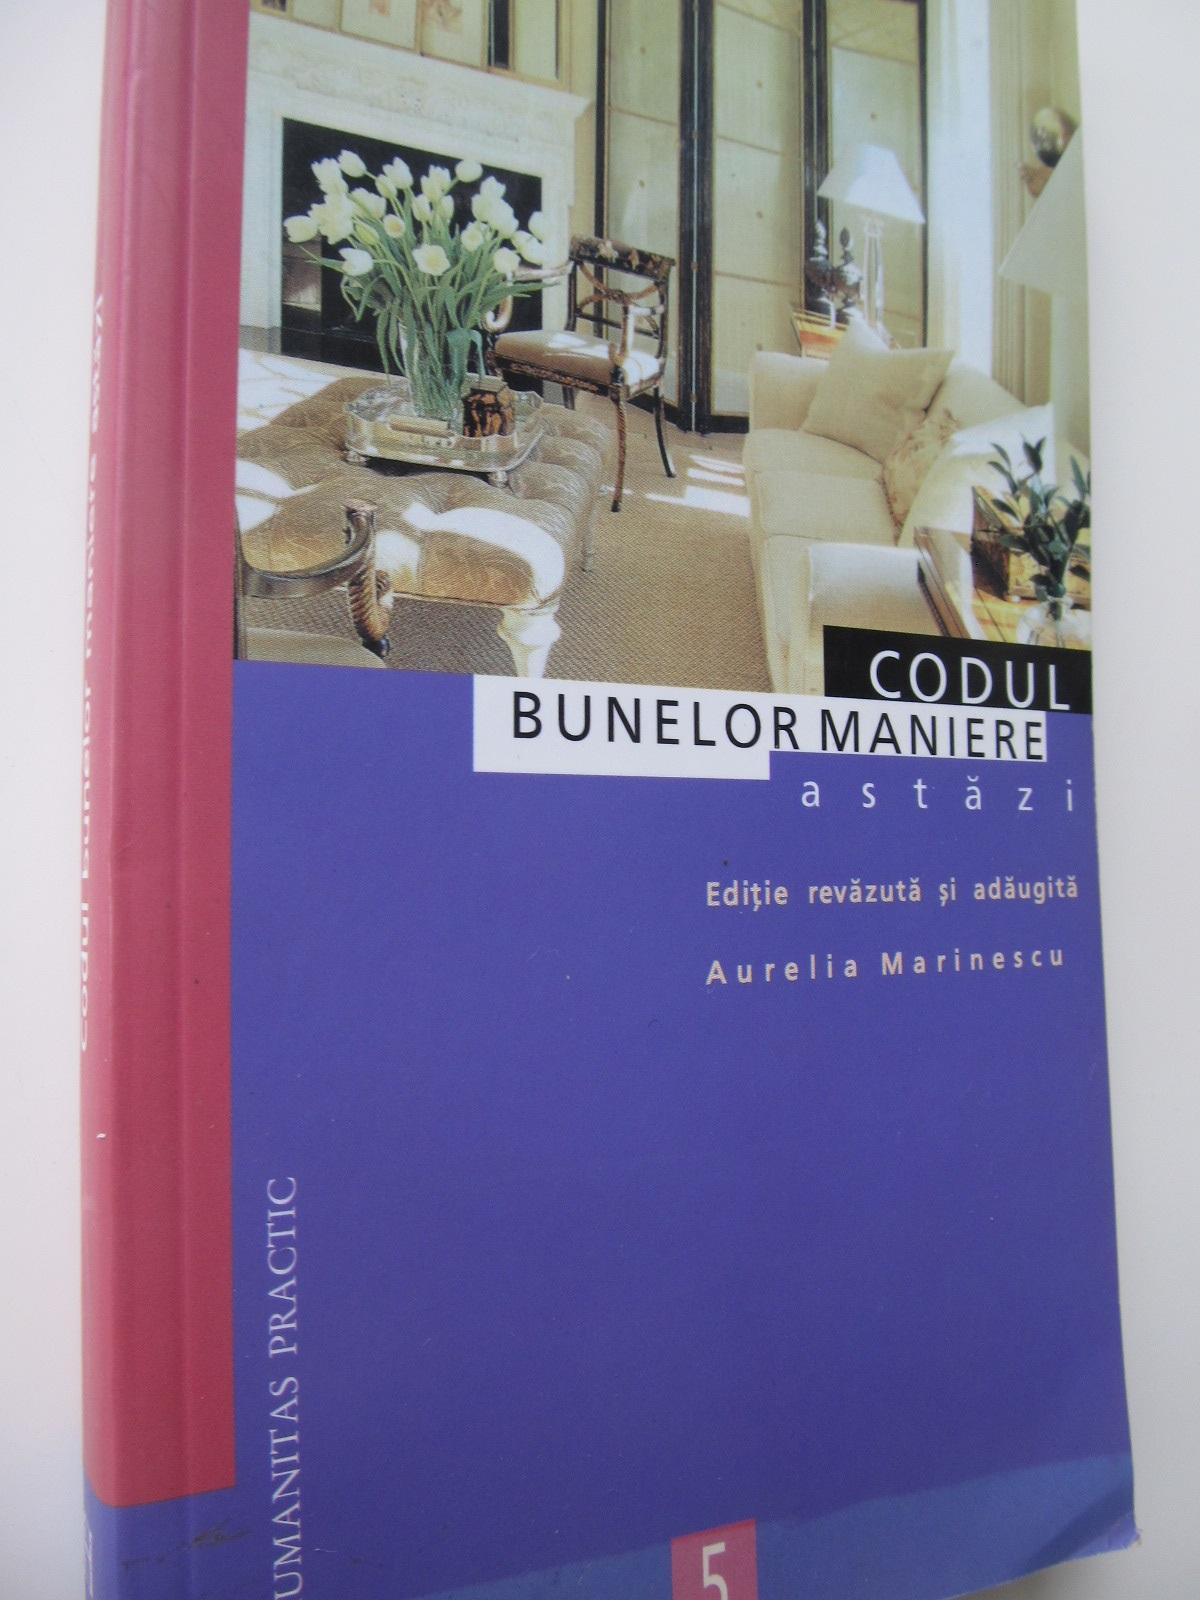 Codul bunelor maniere astazi - Aurelia Marinescu | Detalii carte